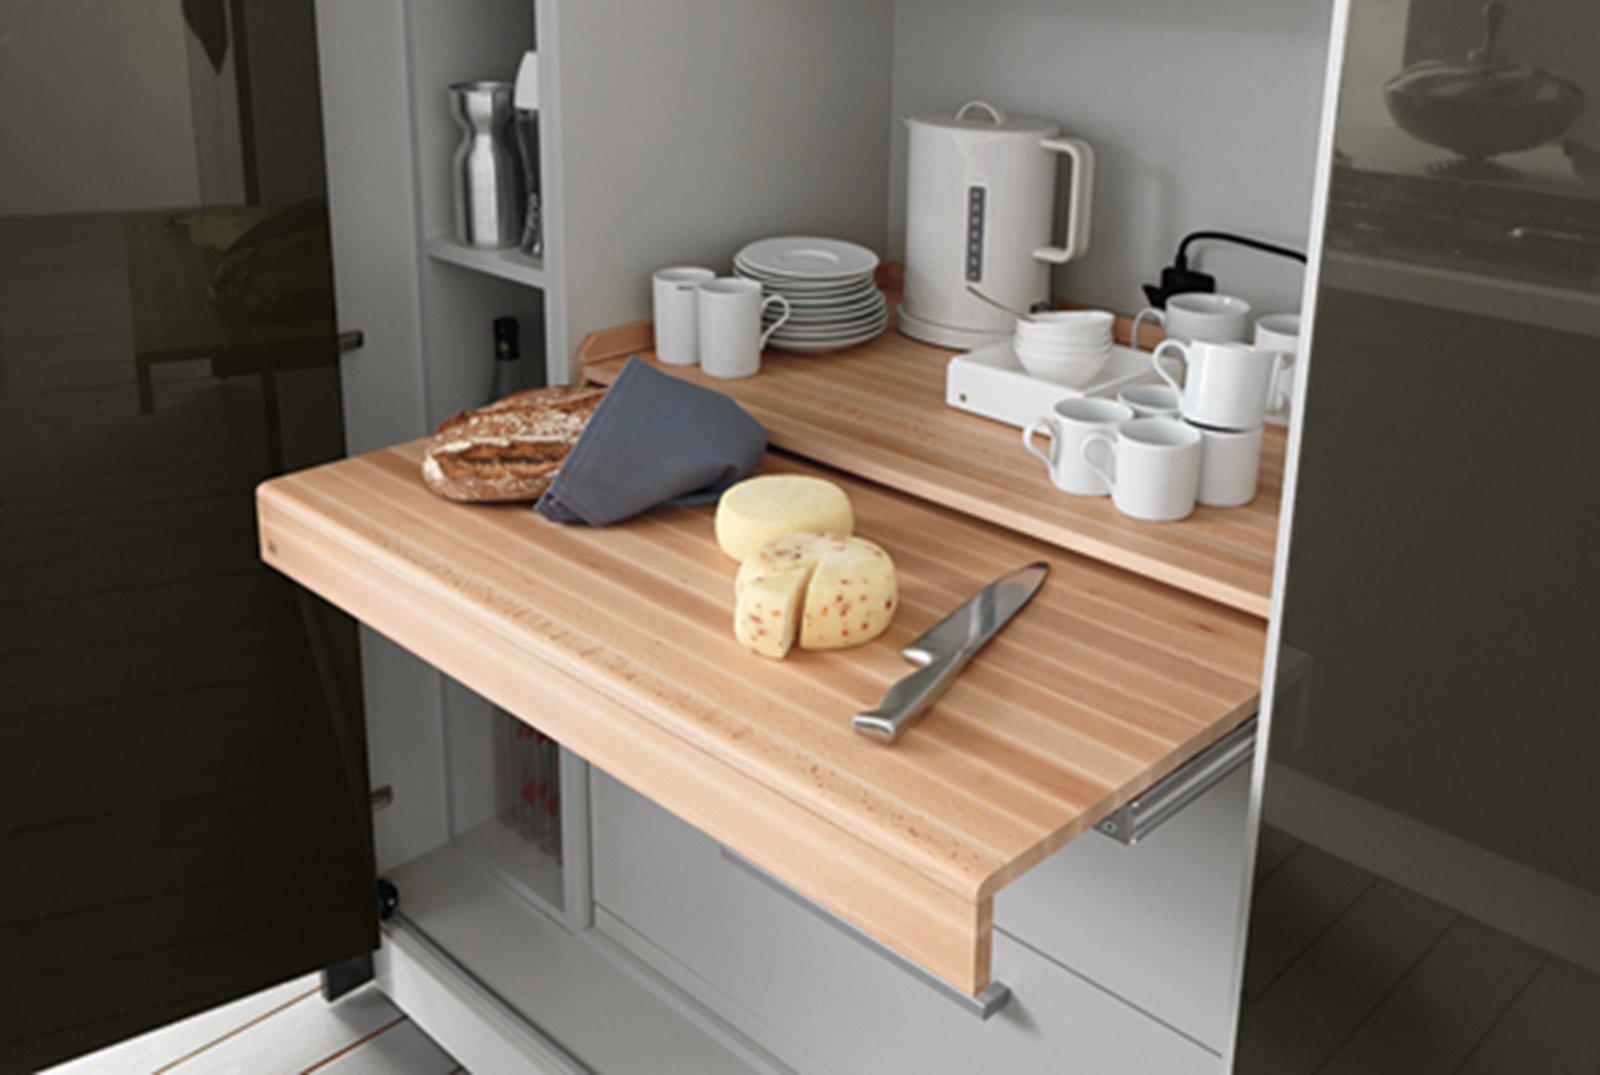 Funzionalit in cucina con le attrezzature giuste cose for Salvaspazio cucina